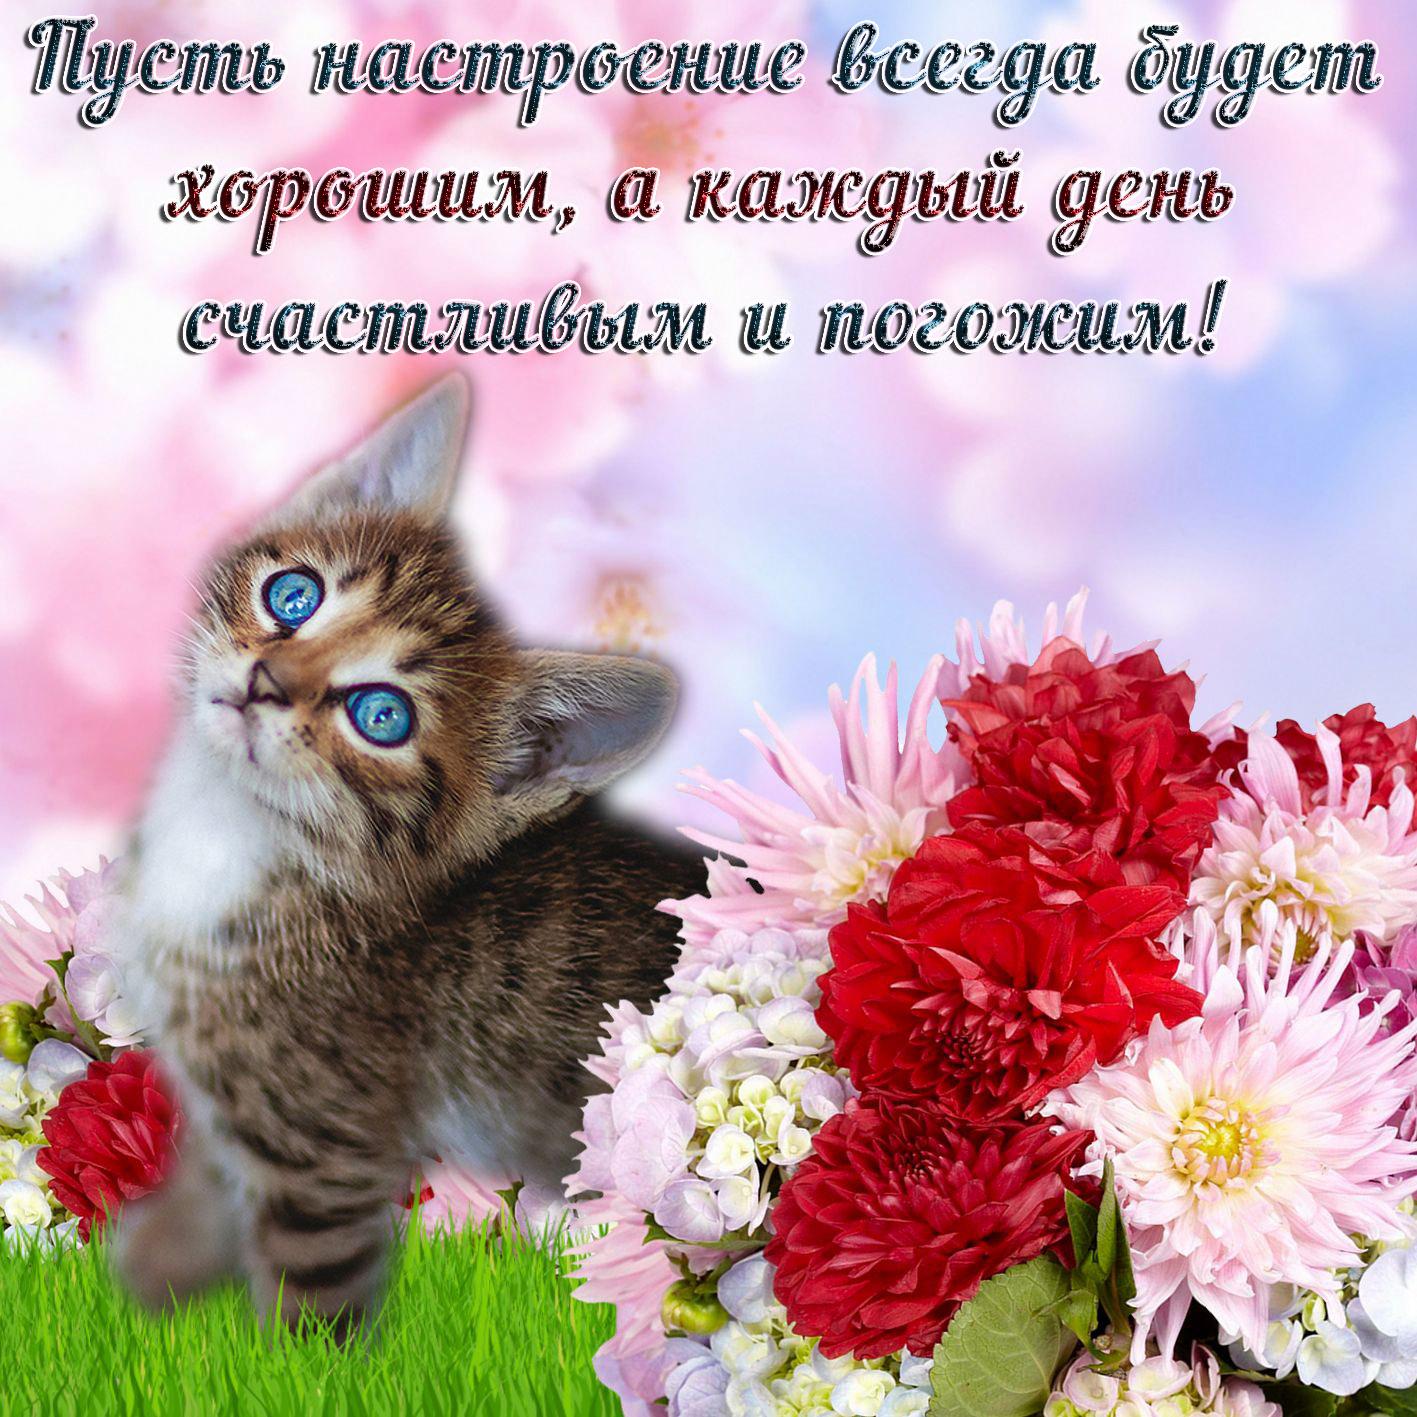 Днем рождения, красивая открытка для девушки для настроения